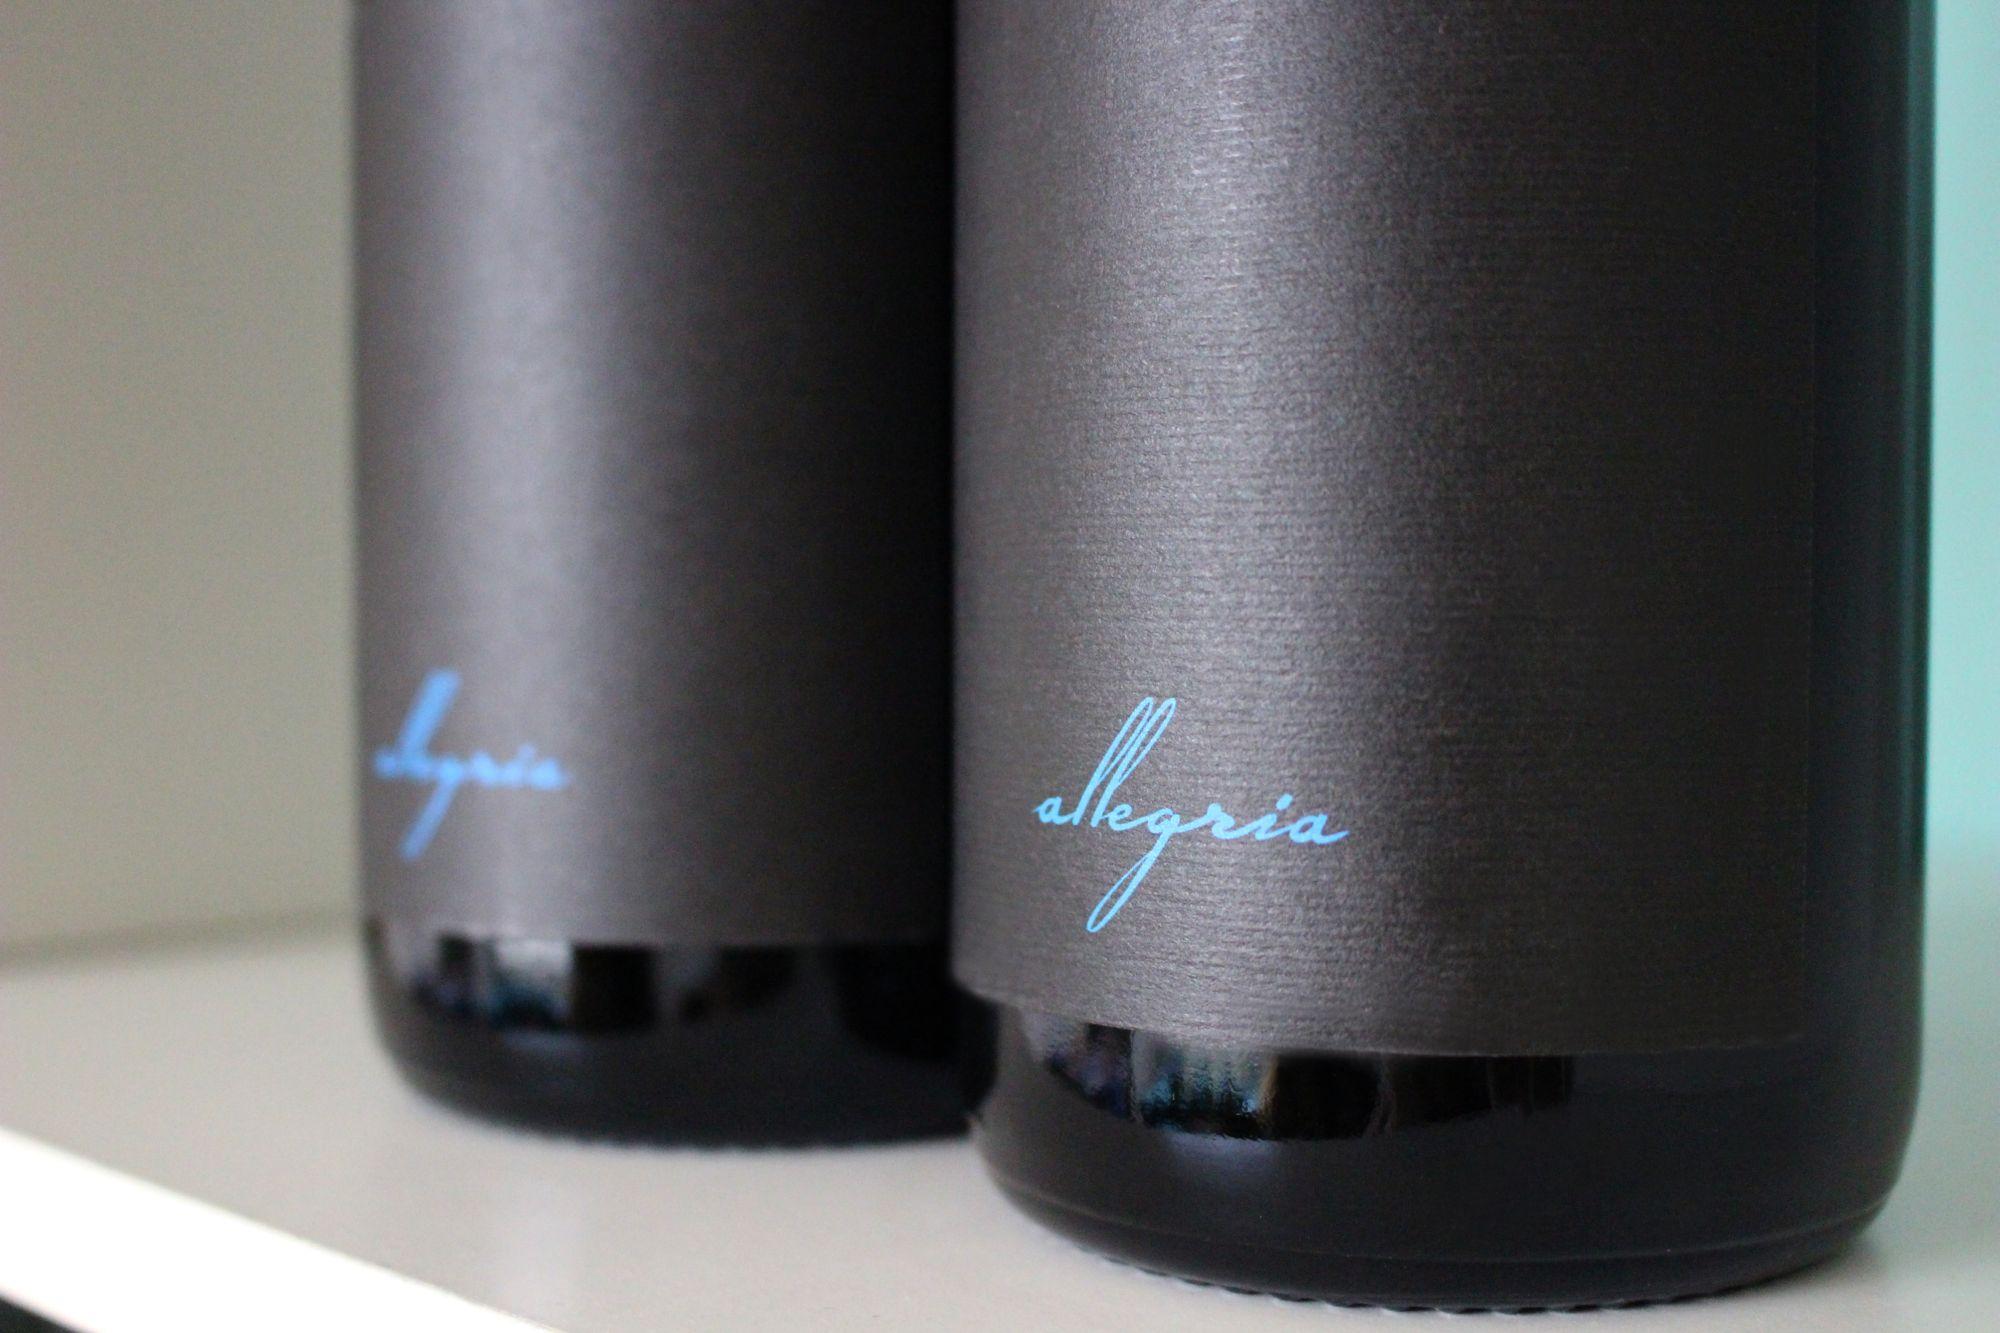 Weinlinie »allegria« für die Deutschkreutzer Weinmanufaktur